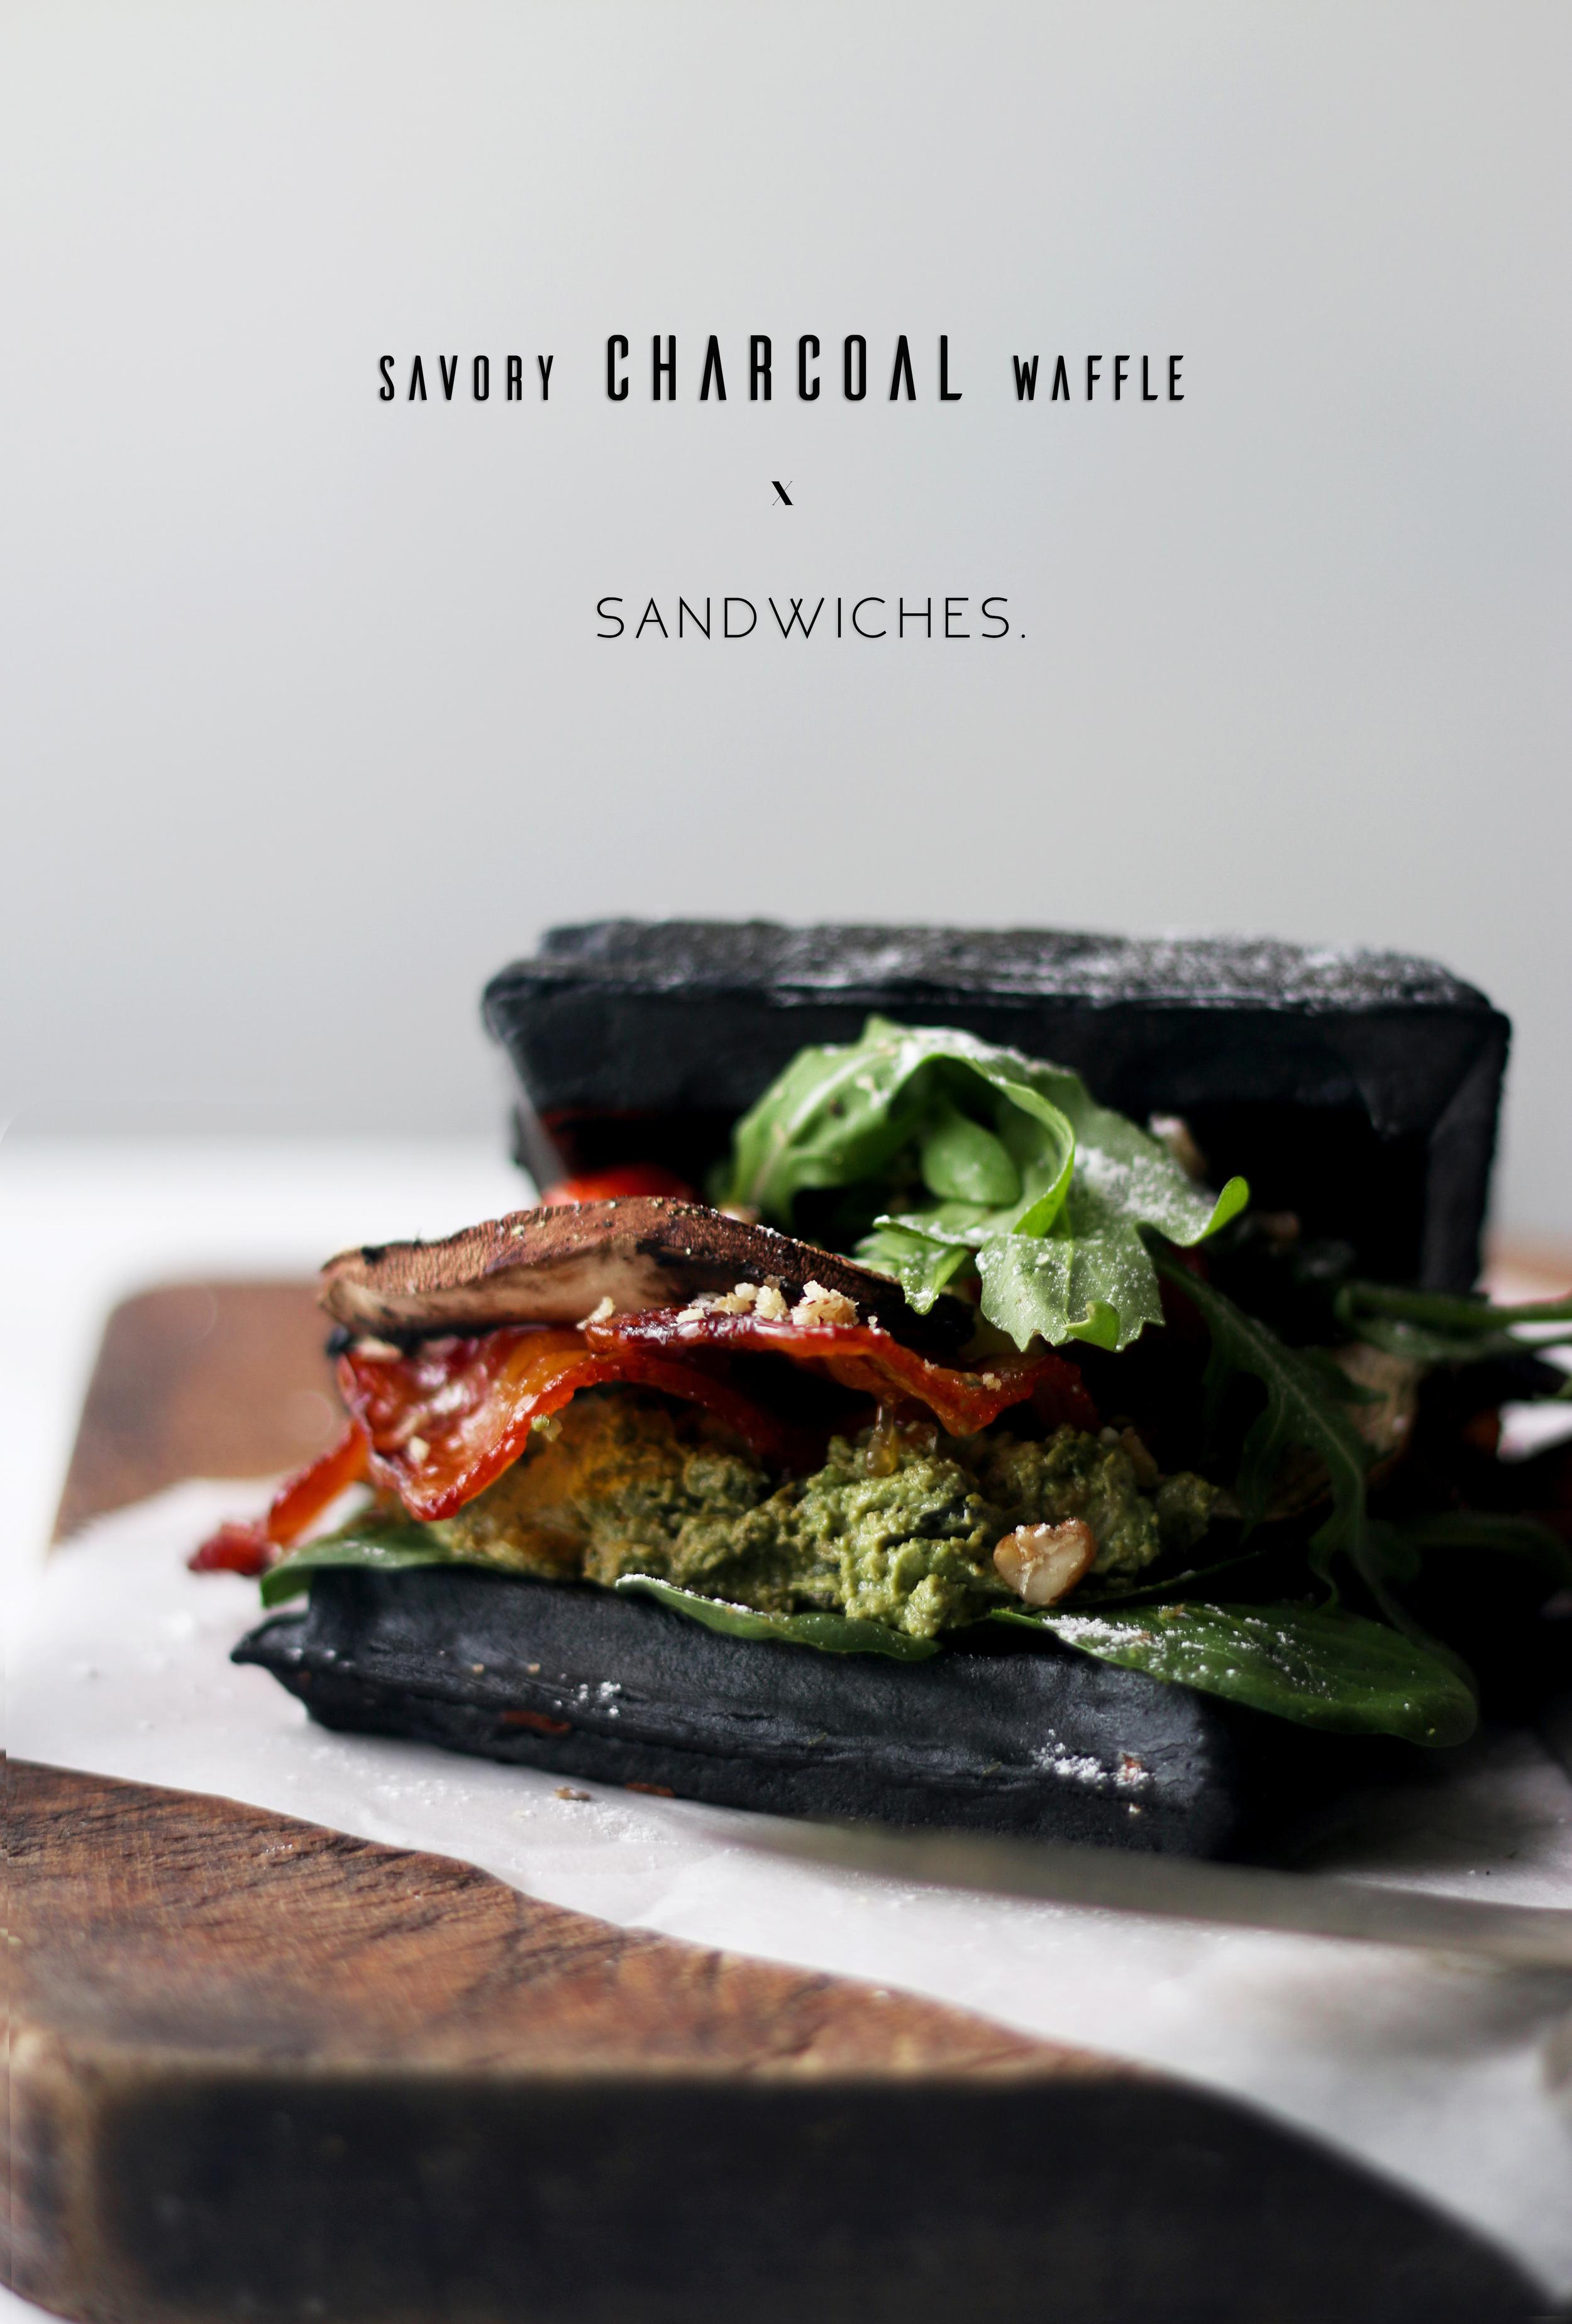 Savory Charcoal Waffle Sandwiches